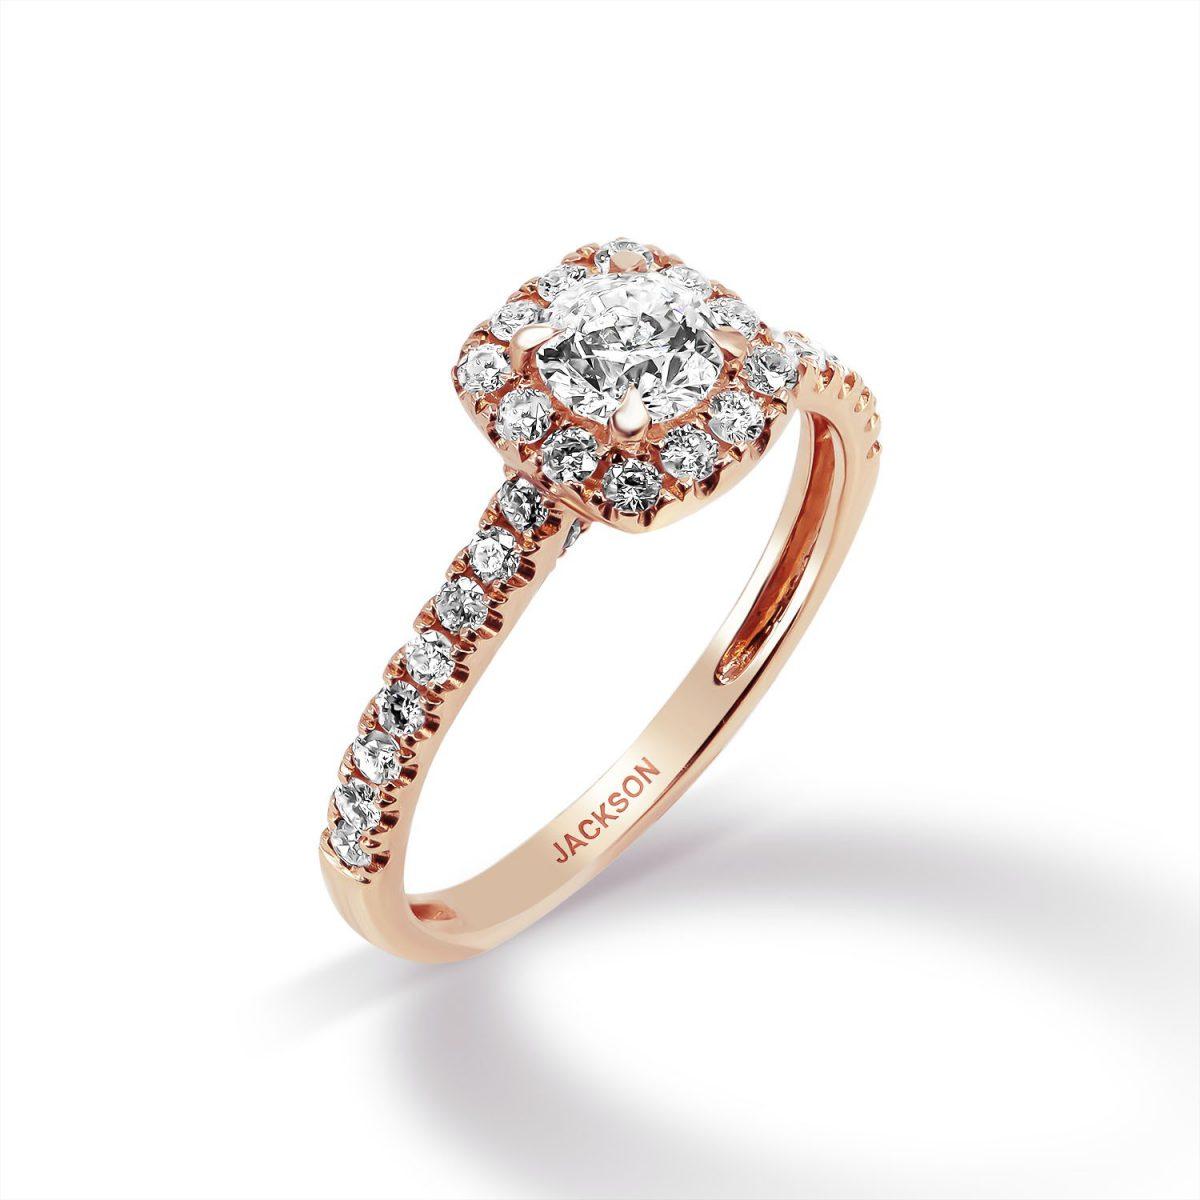 טבעת אירוסין -ג'וליה - זהב אדום